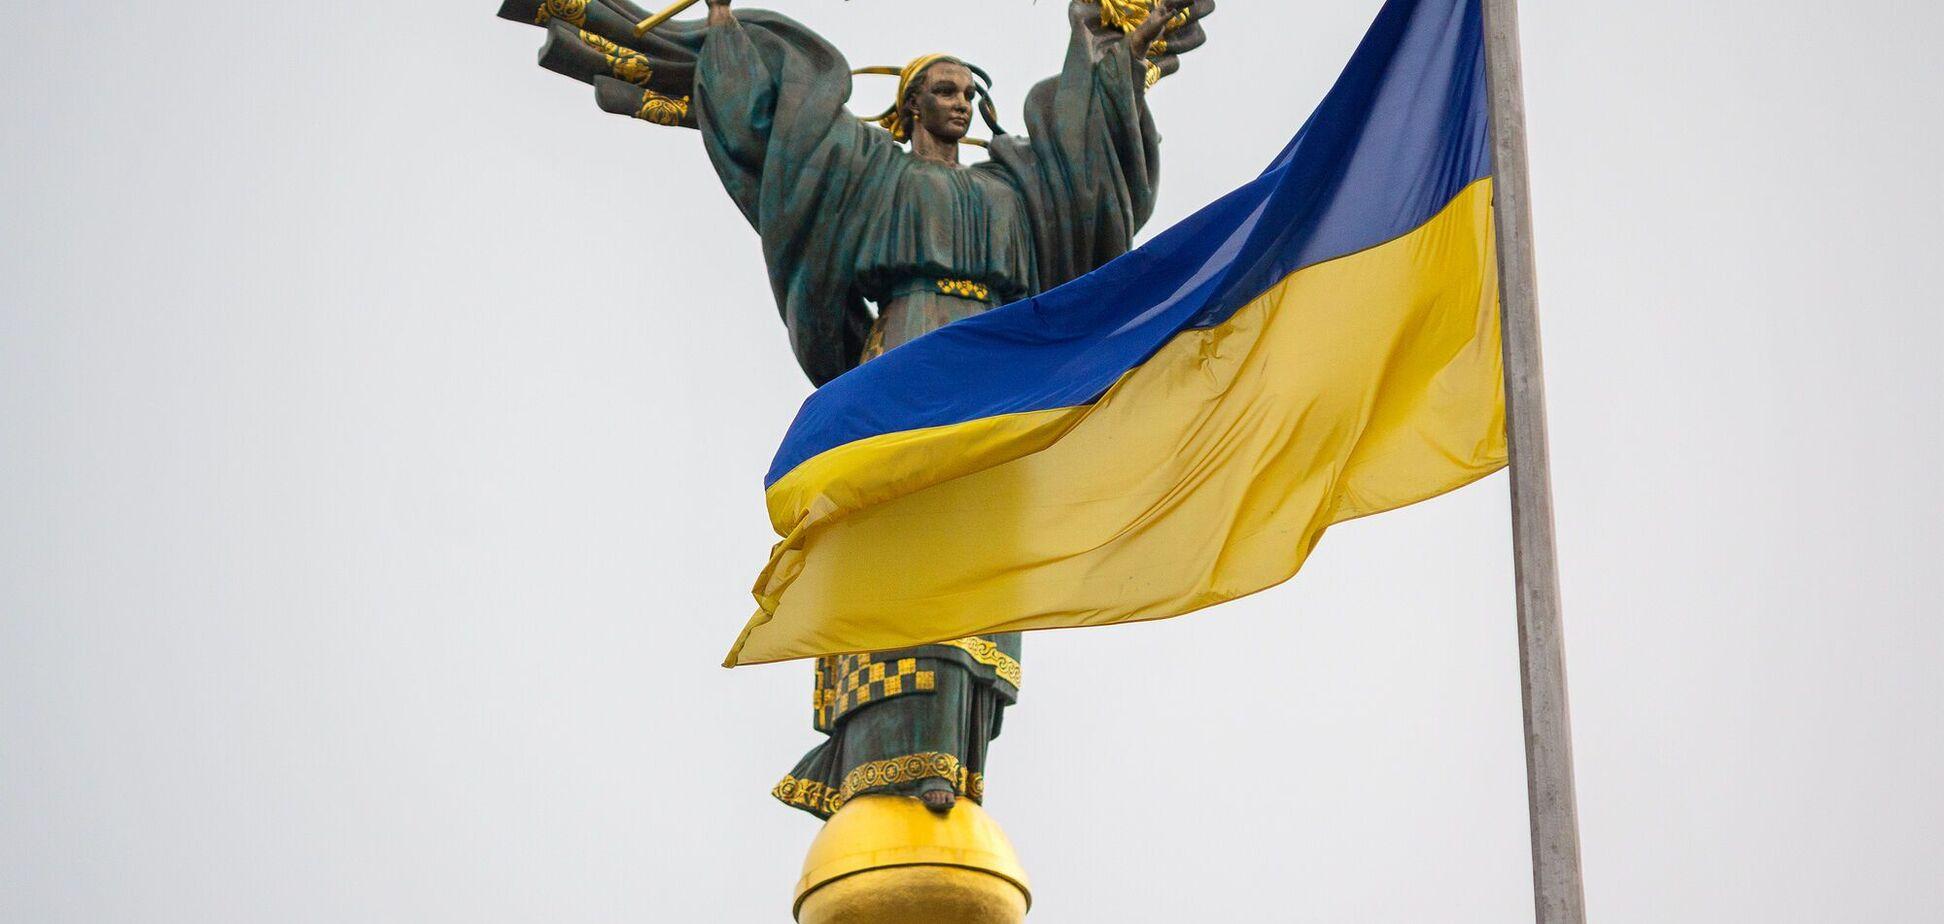 Обнародованы важные документы, которые определяют будущее Украины